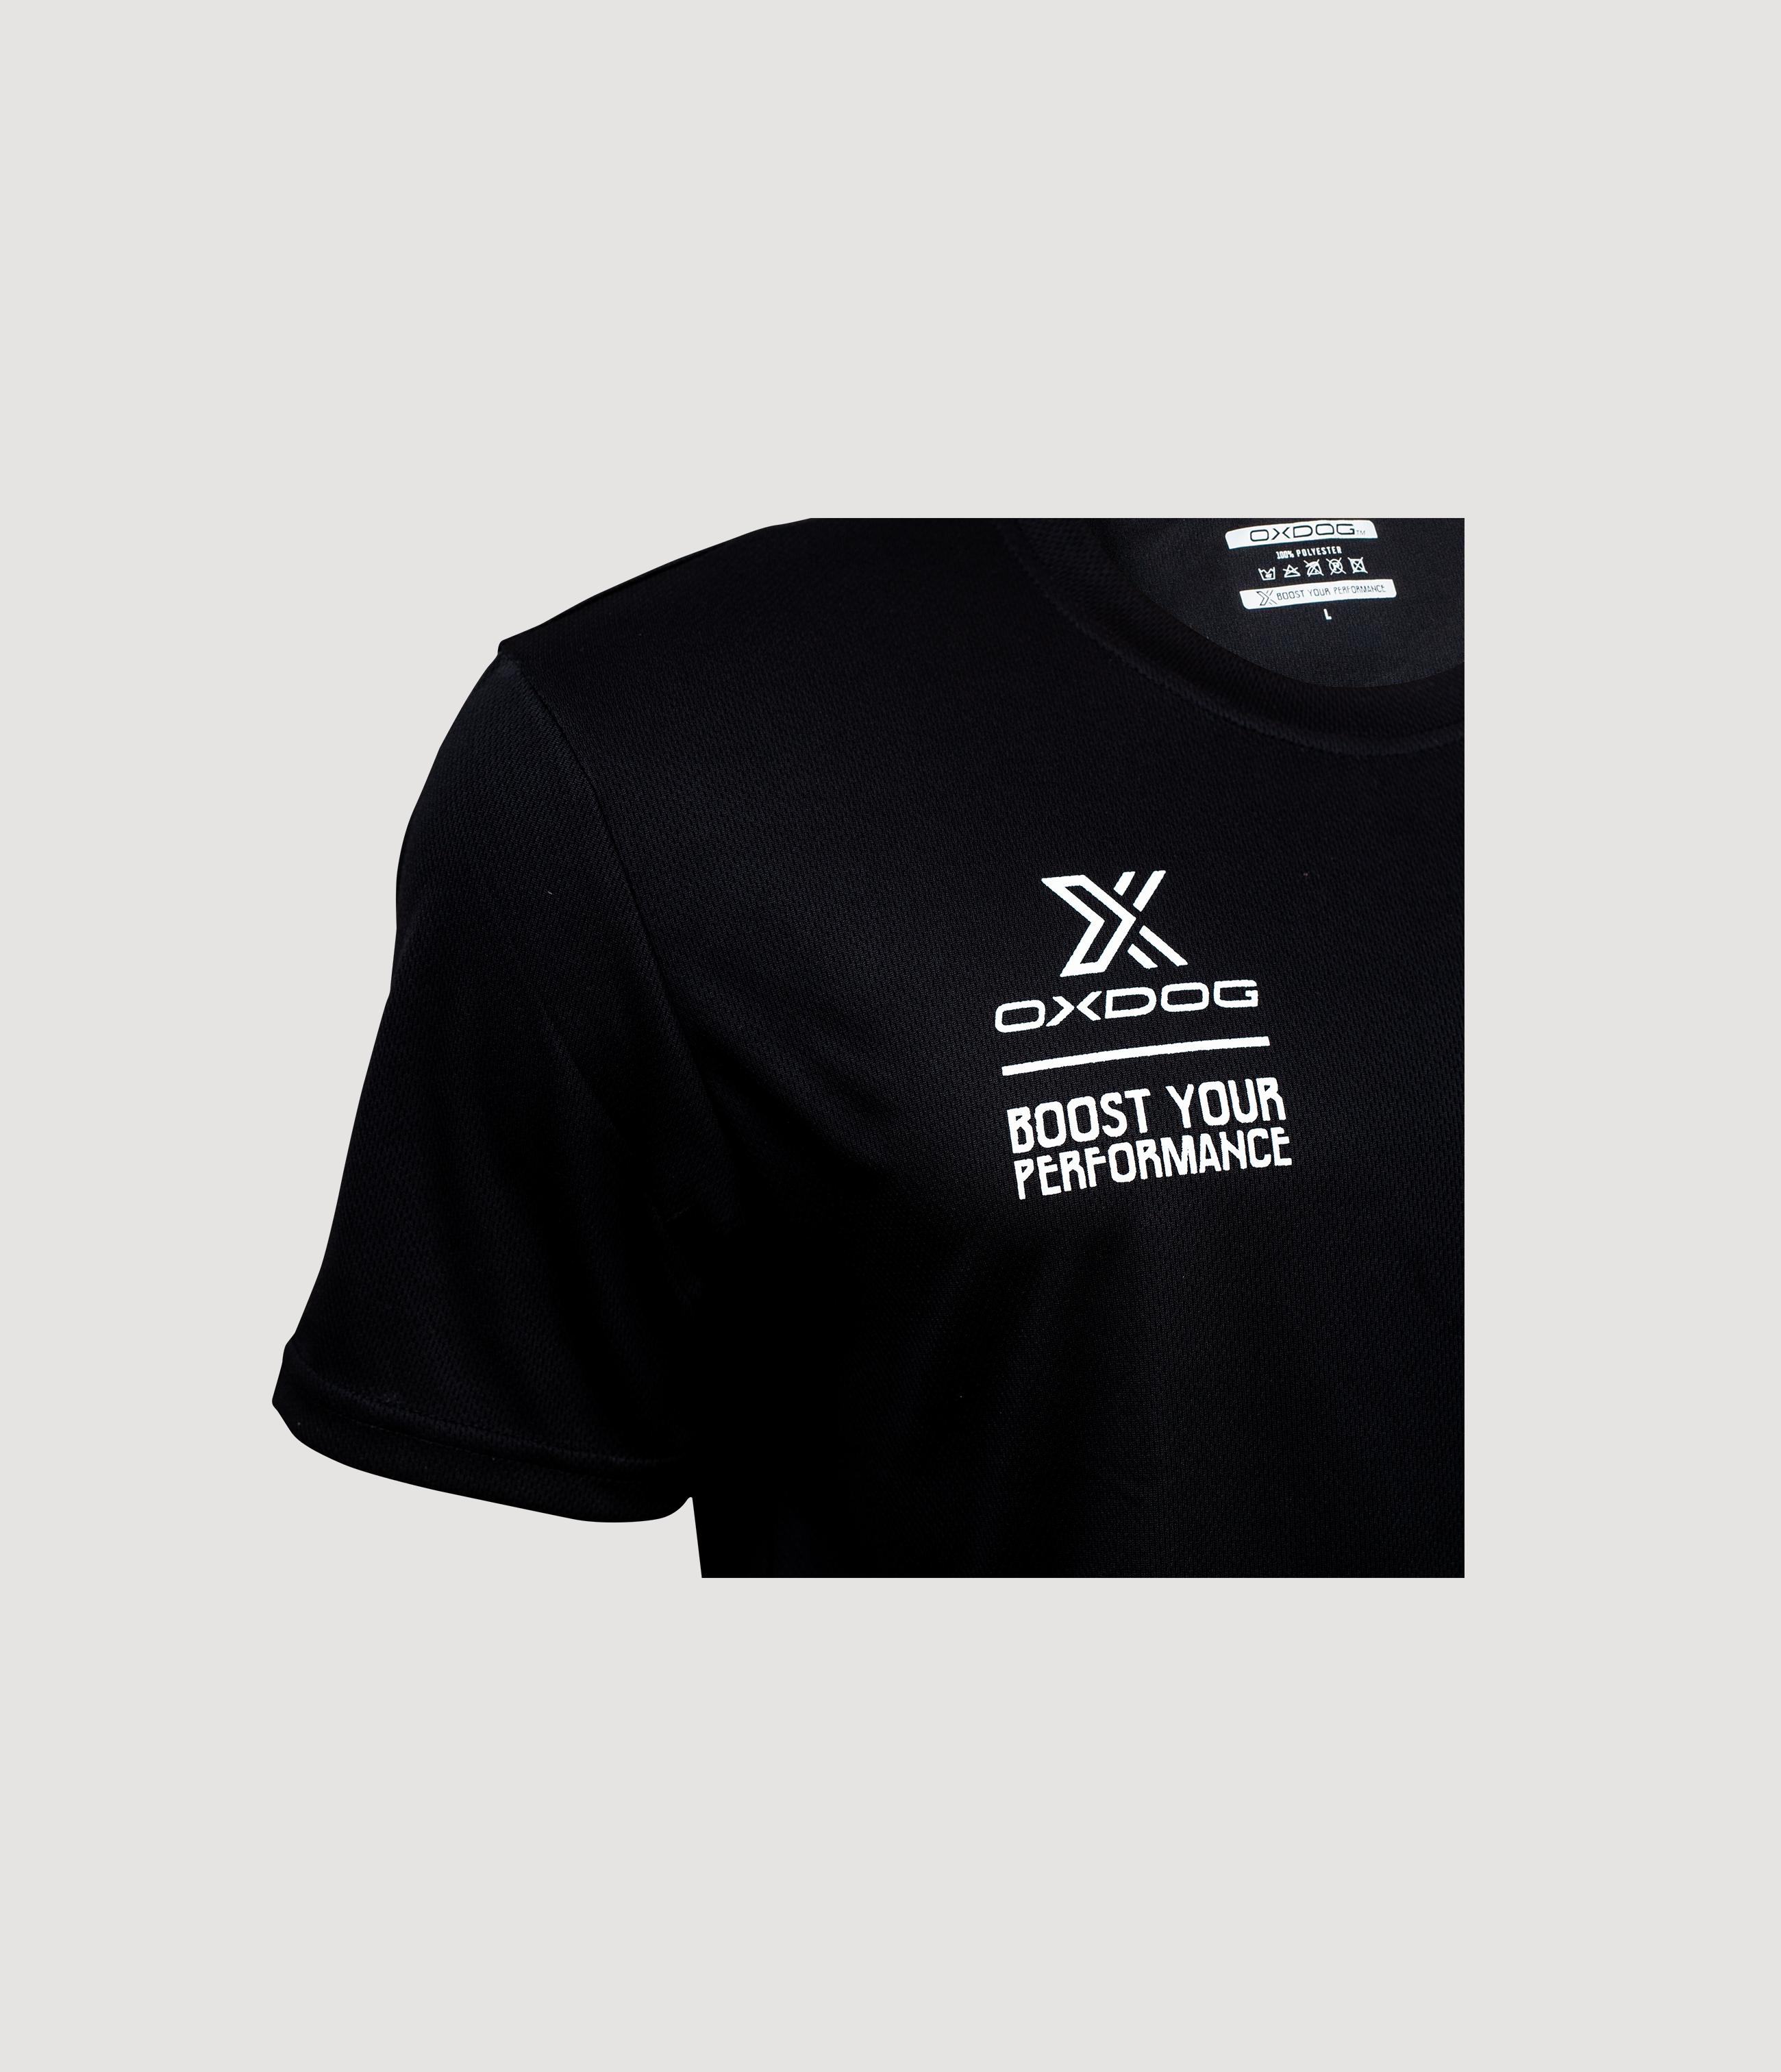 Atlanta II Training Shirt Black Closeup